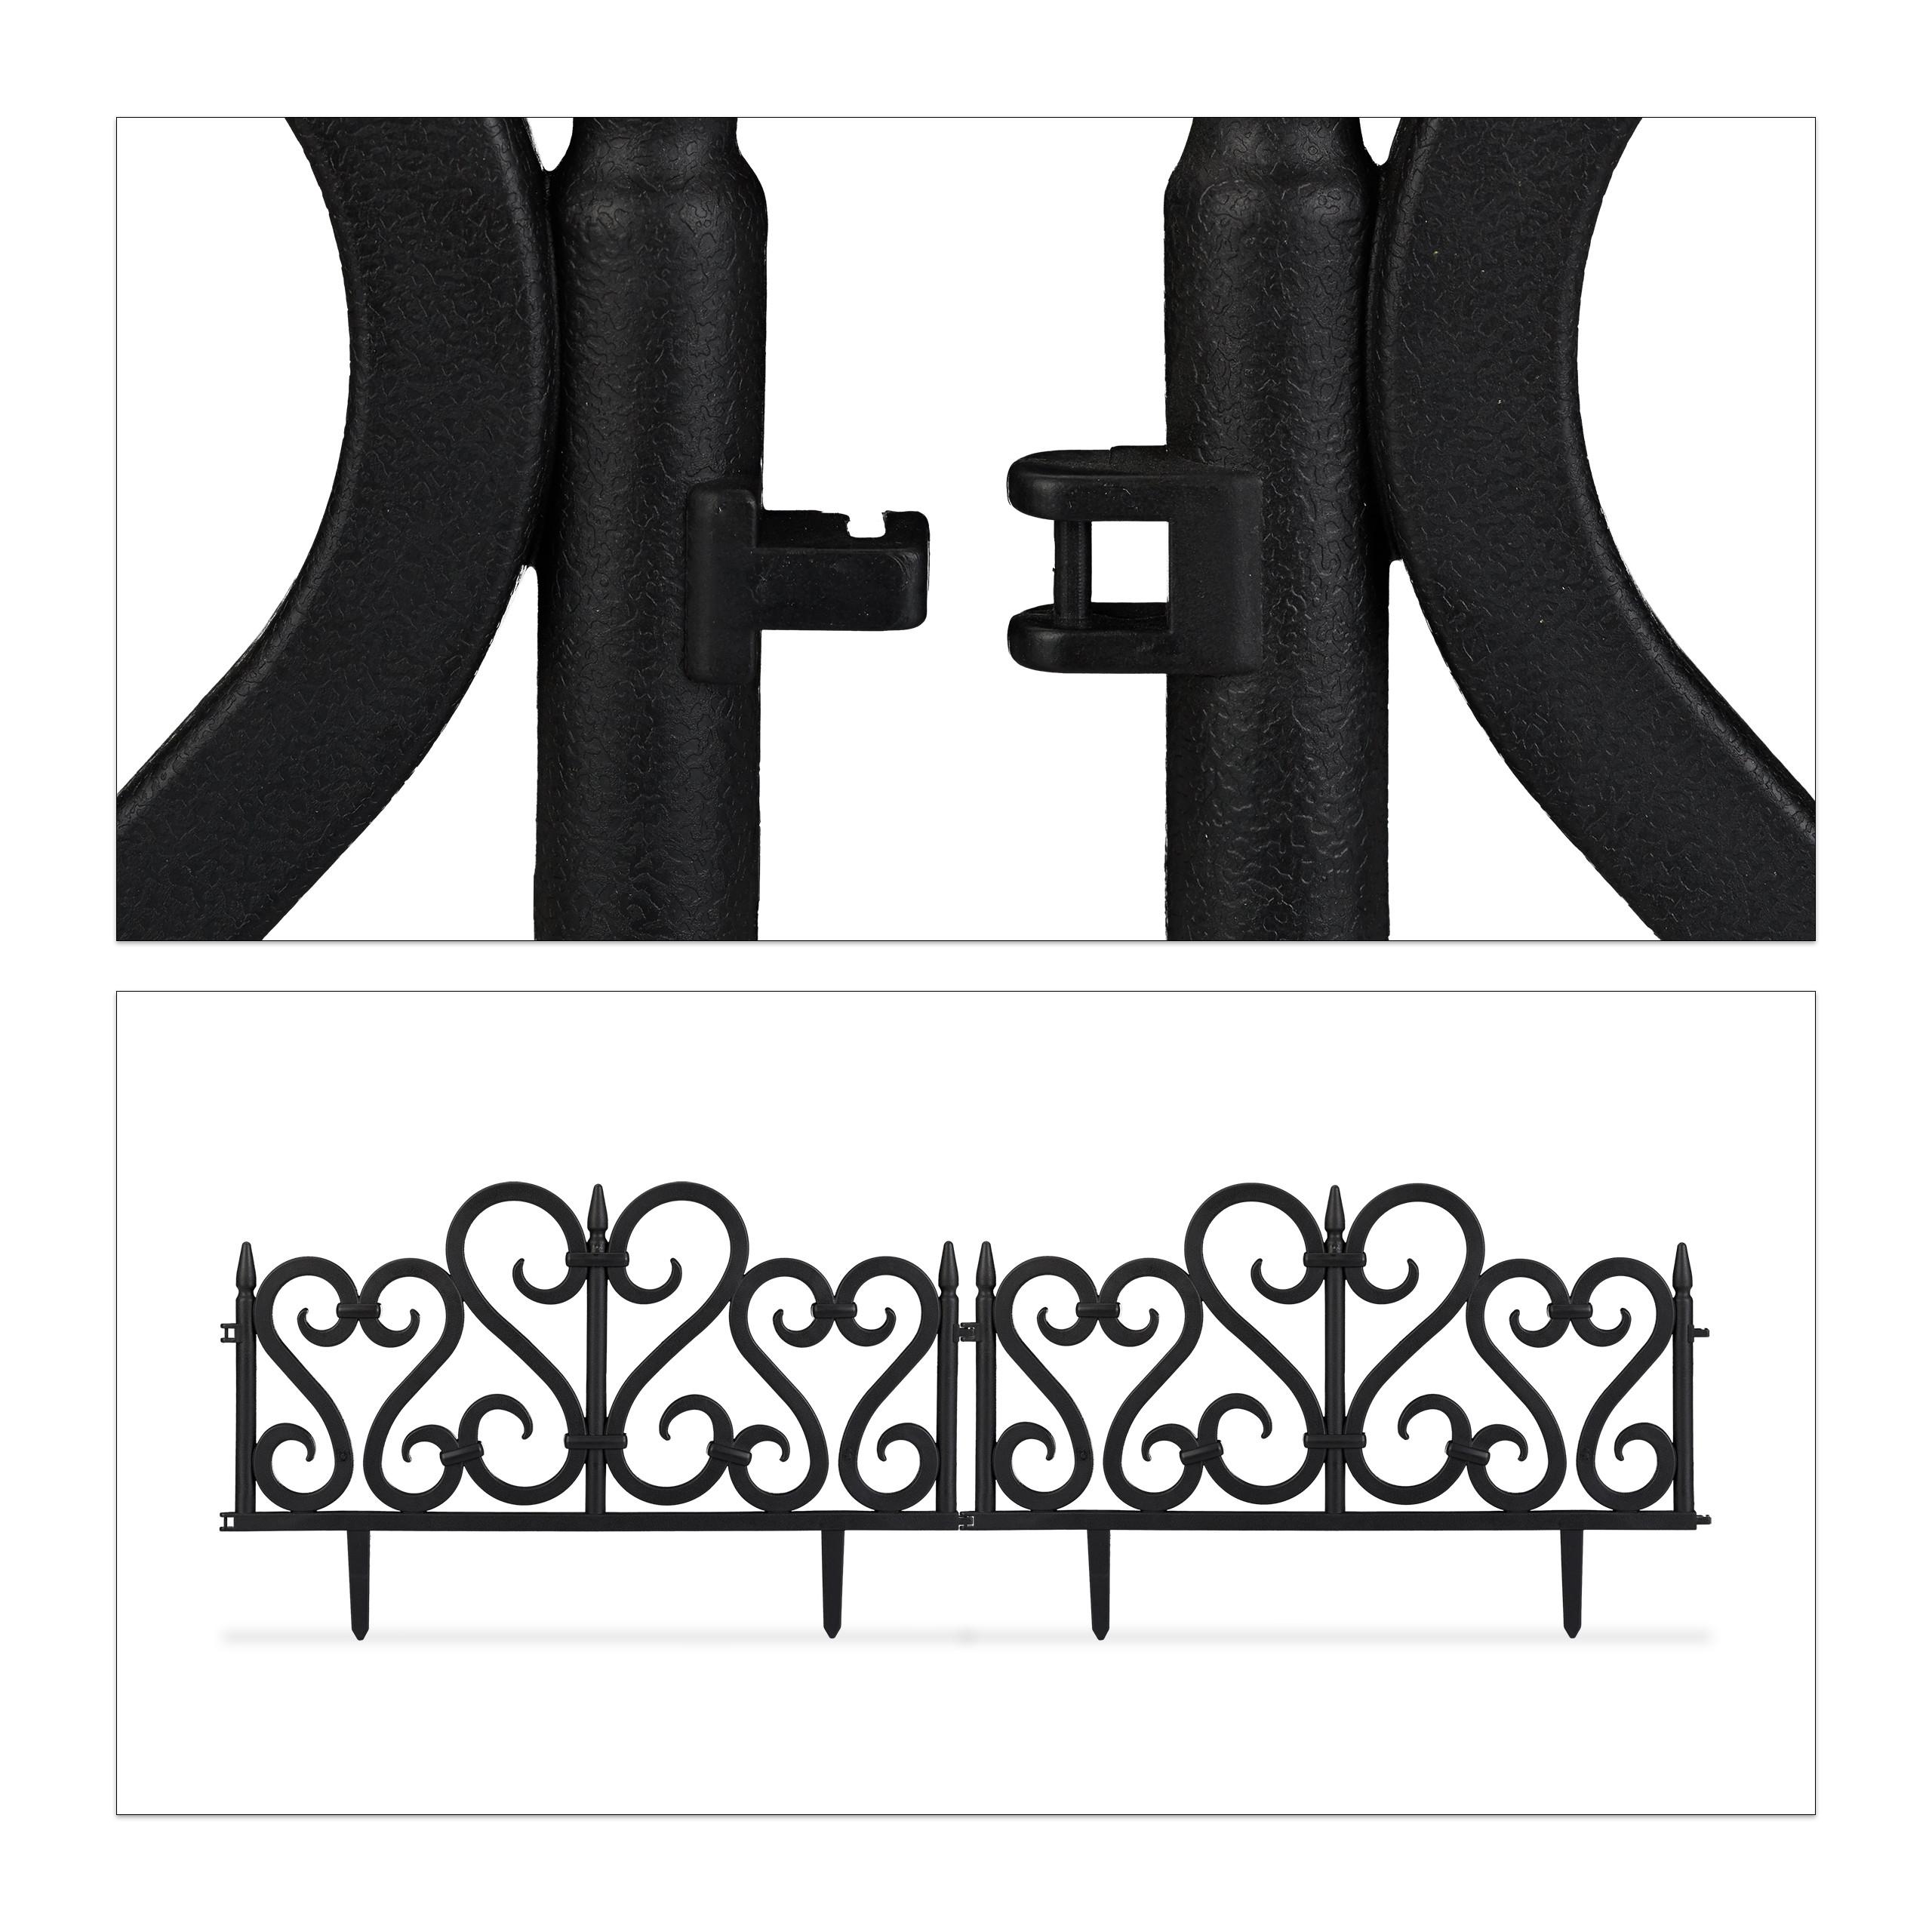 Rasenzaun Beetbegrenzung schwarz 4-teiliges Beetzaun Set Dekozaun Ornament